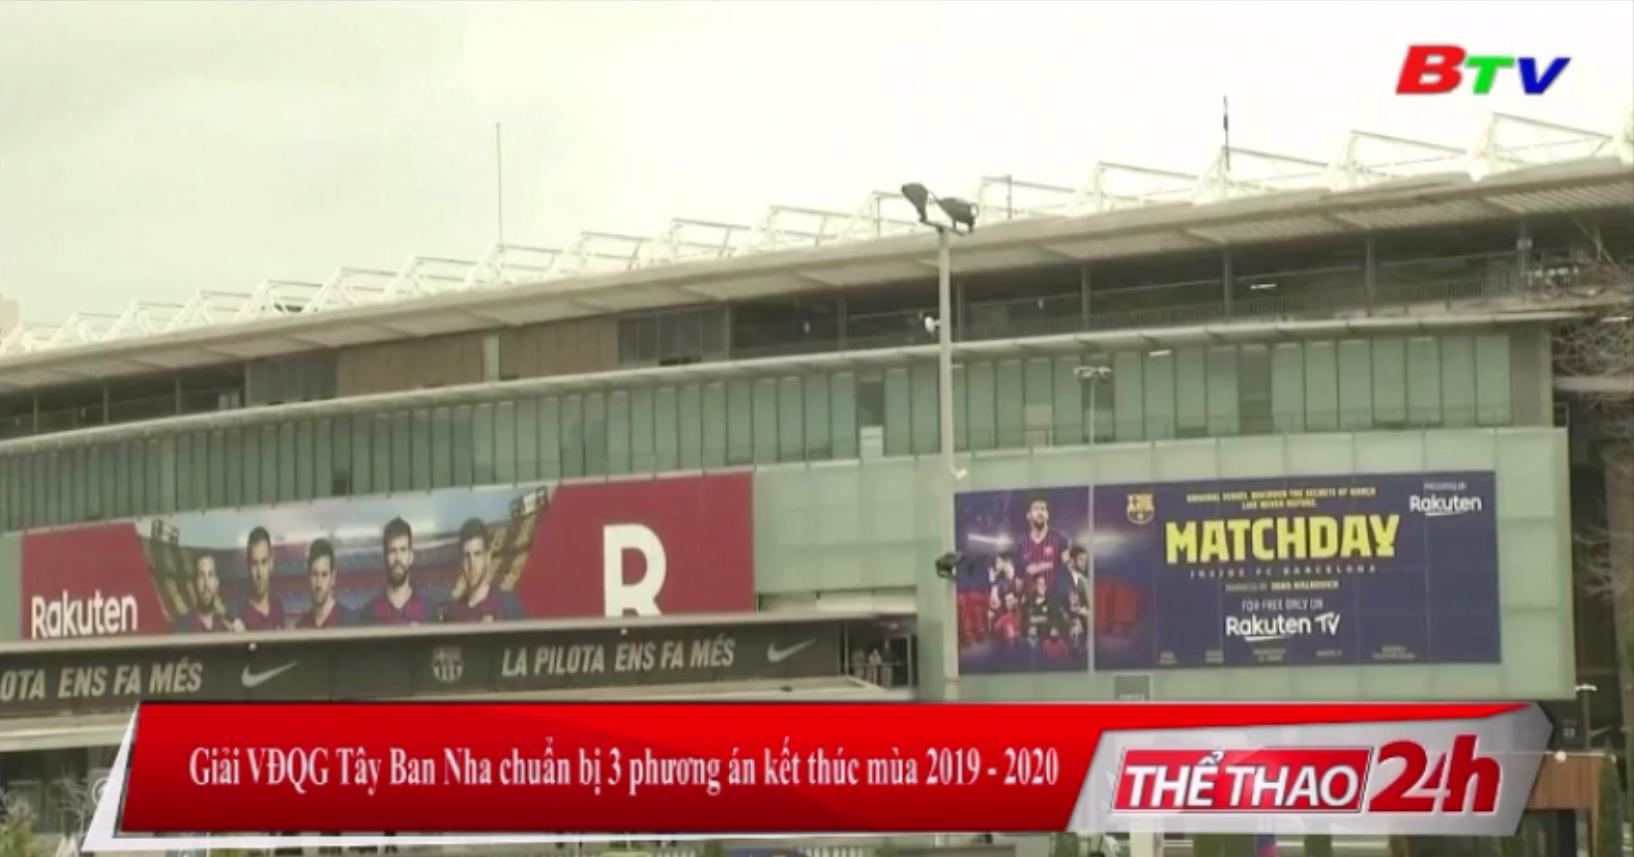 Giải VĐQG Tây Ban Nha chuẩn bị 3 phương án kết thúc mùa 2019-2020